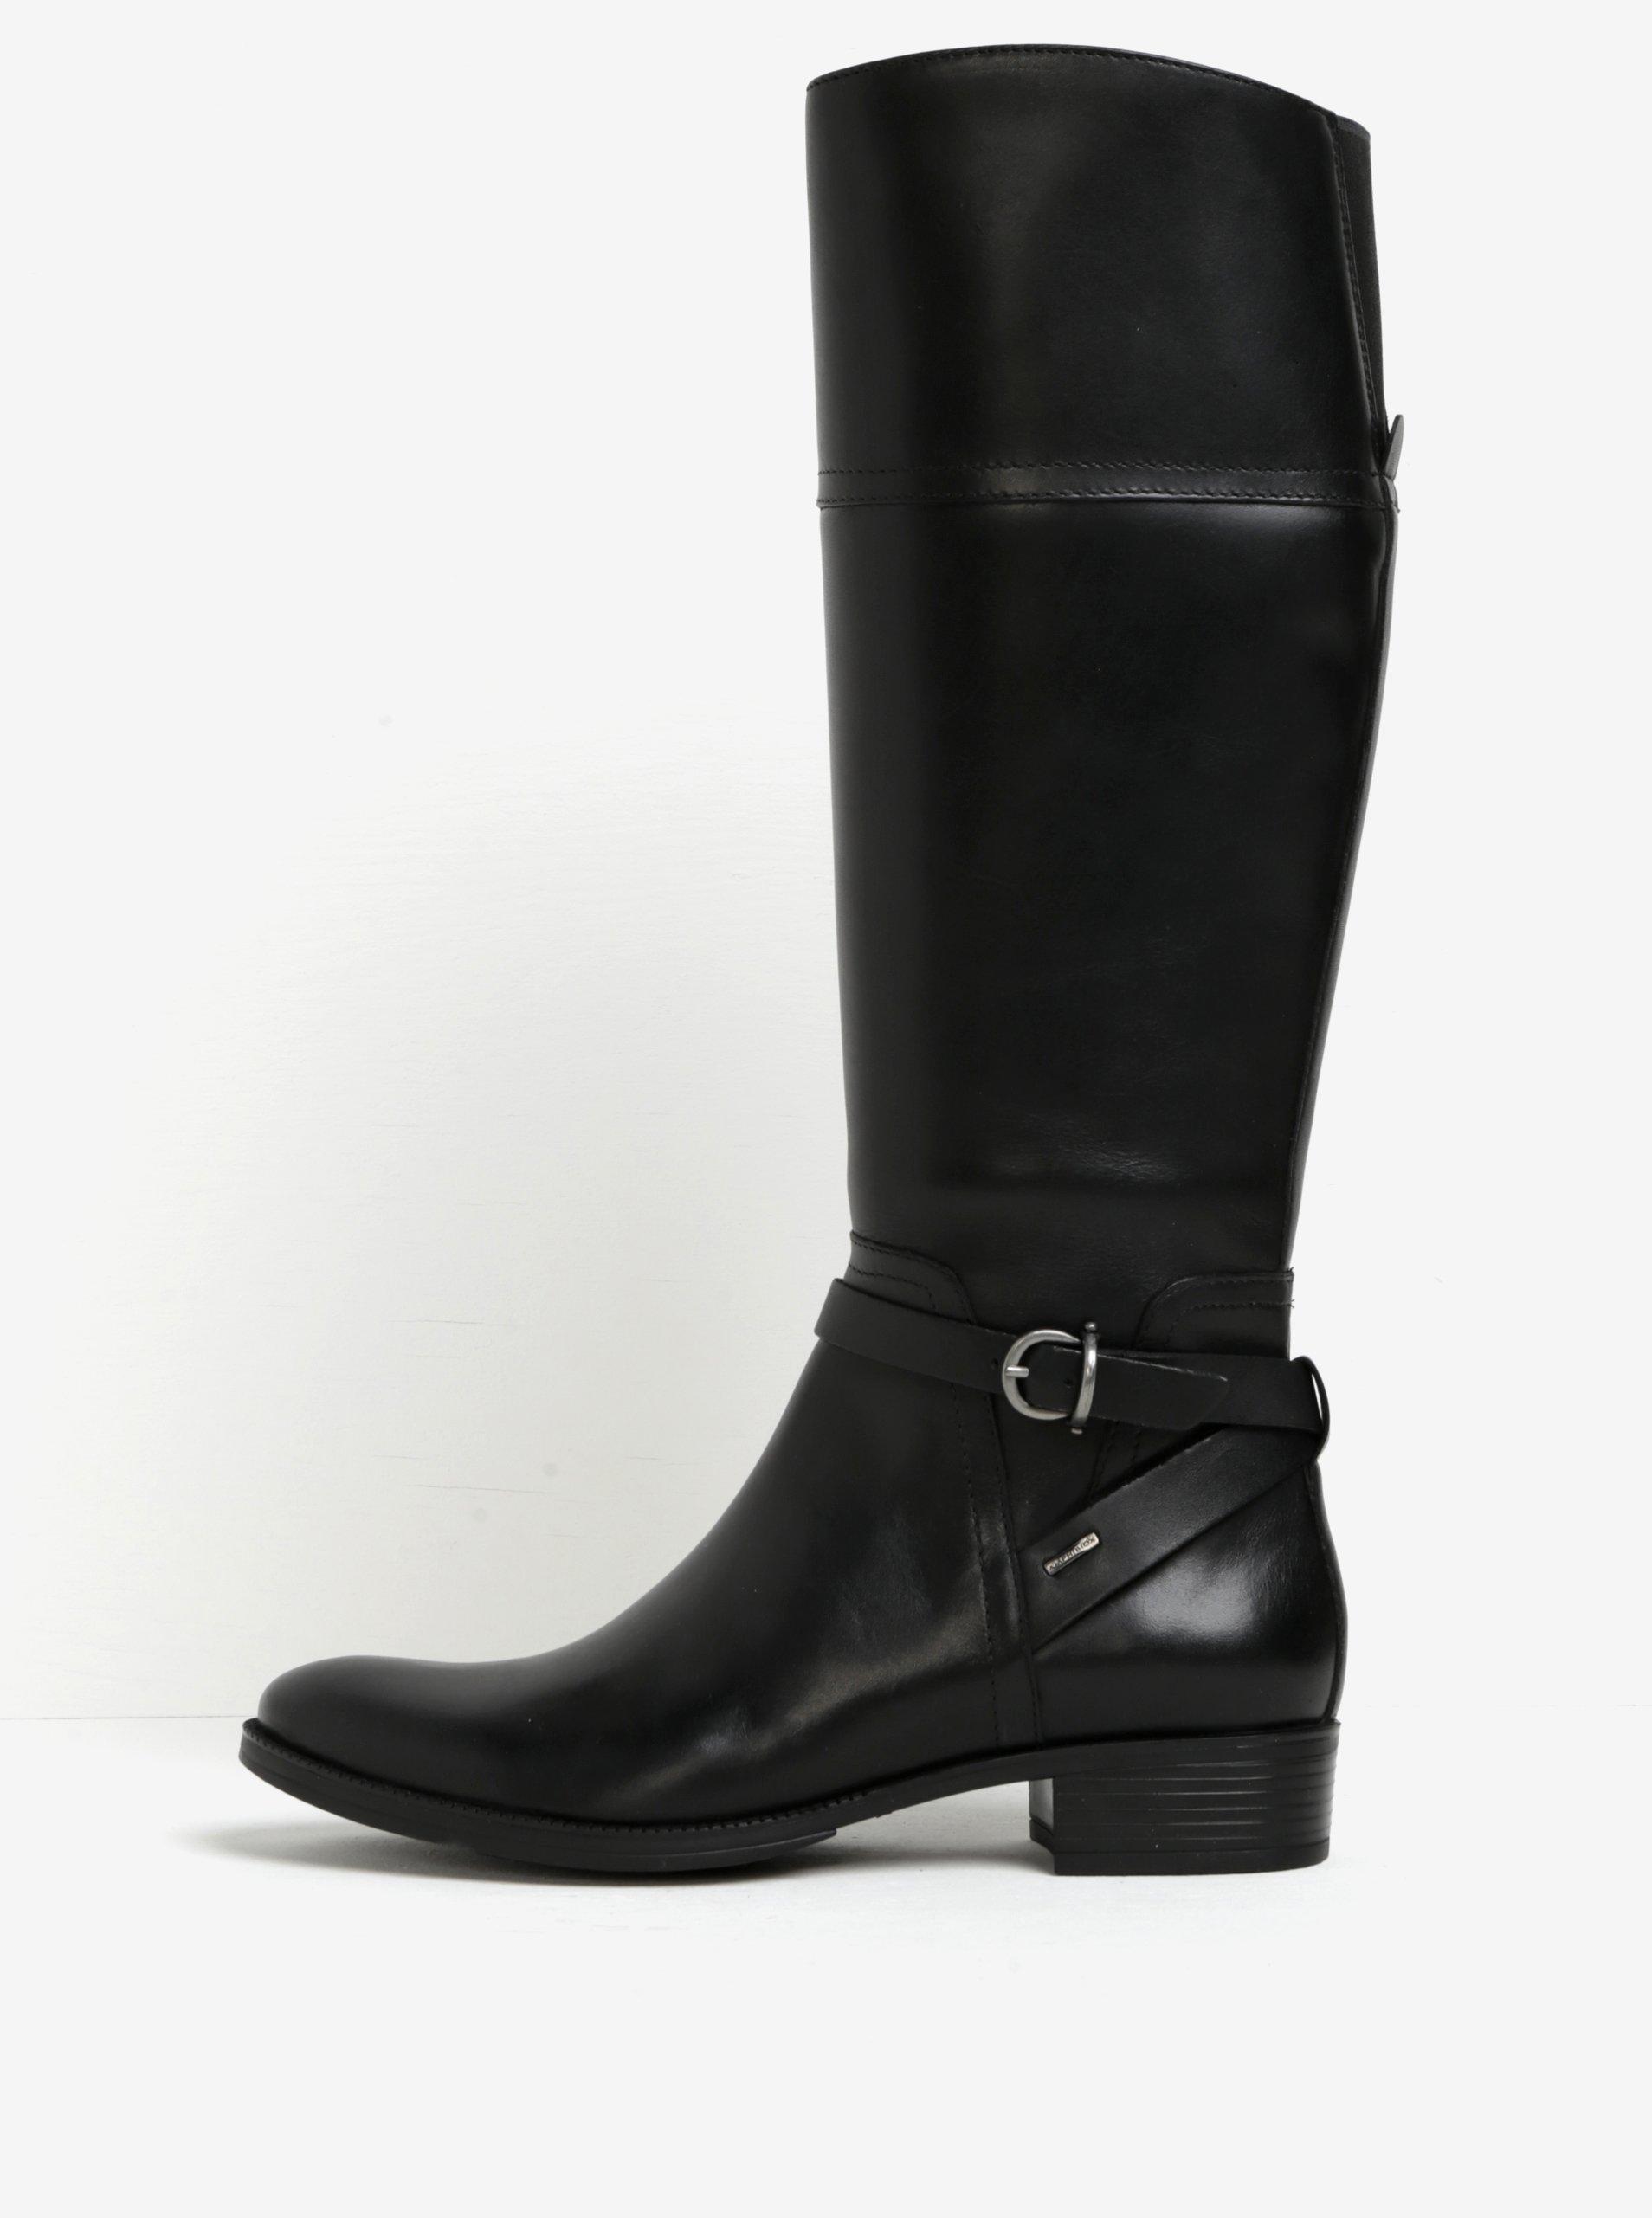 Čierne kožené čižmy s prackou Geox Meldi 9b244bd331a